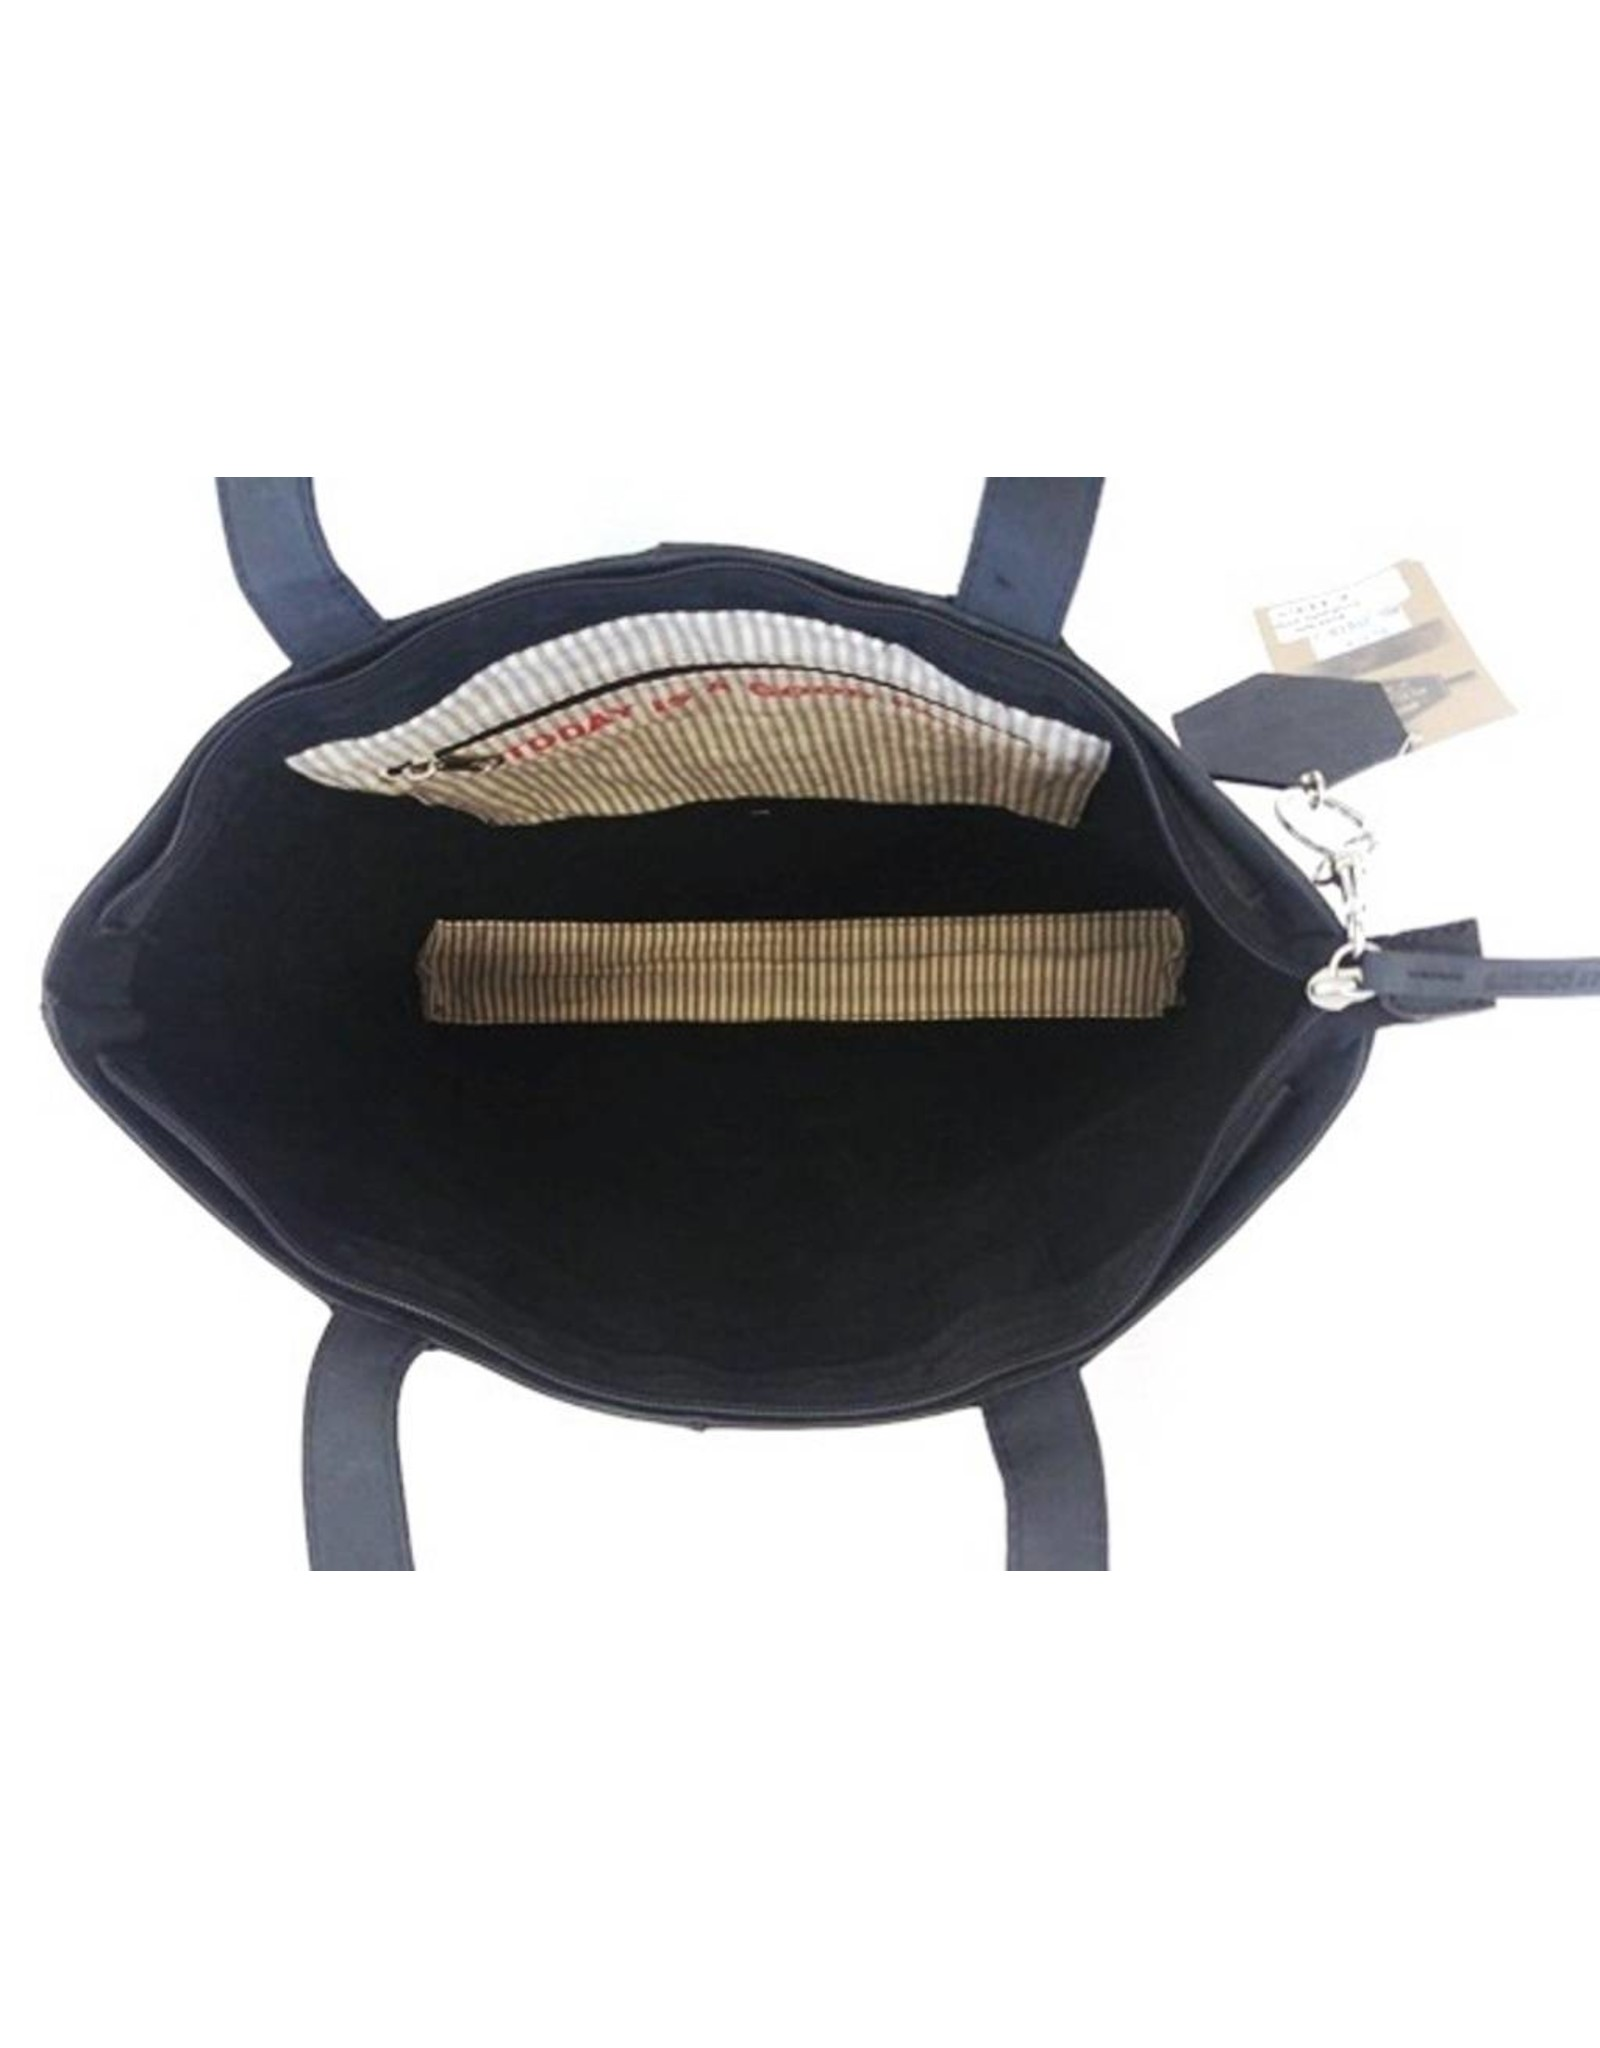 Bear Design Leather bags - Bear Design Leather Shoulder bag